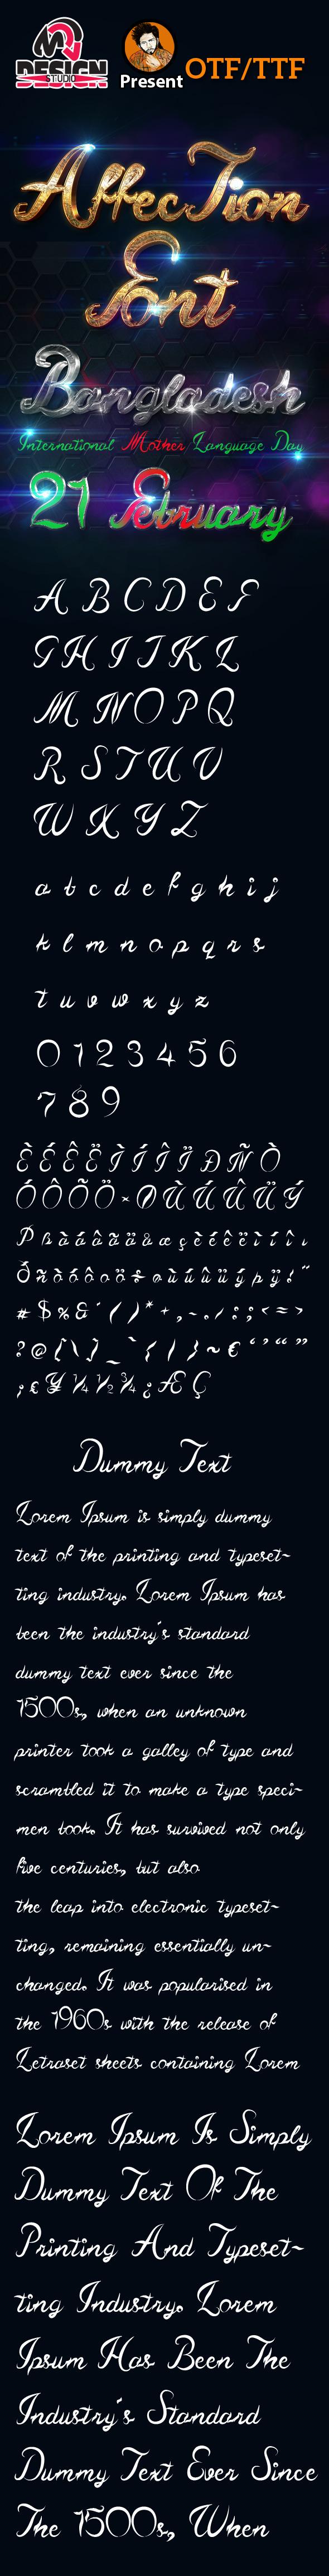 Respectable Font - Script Fonts